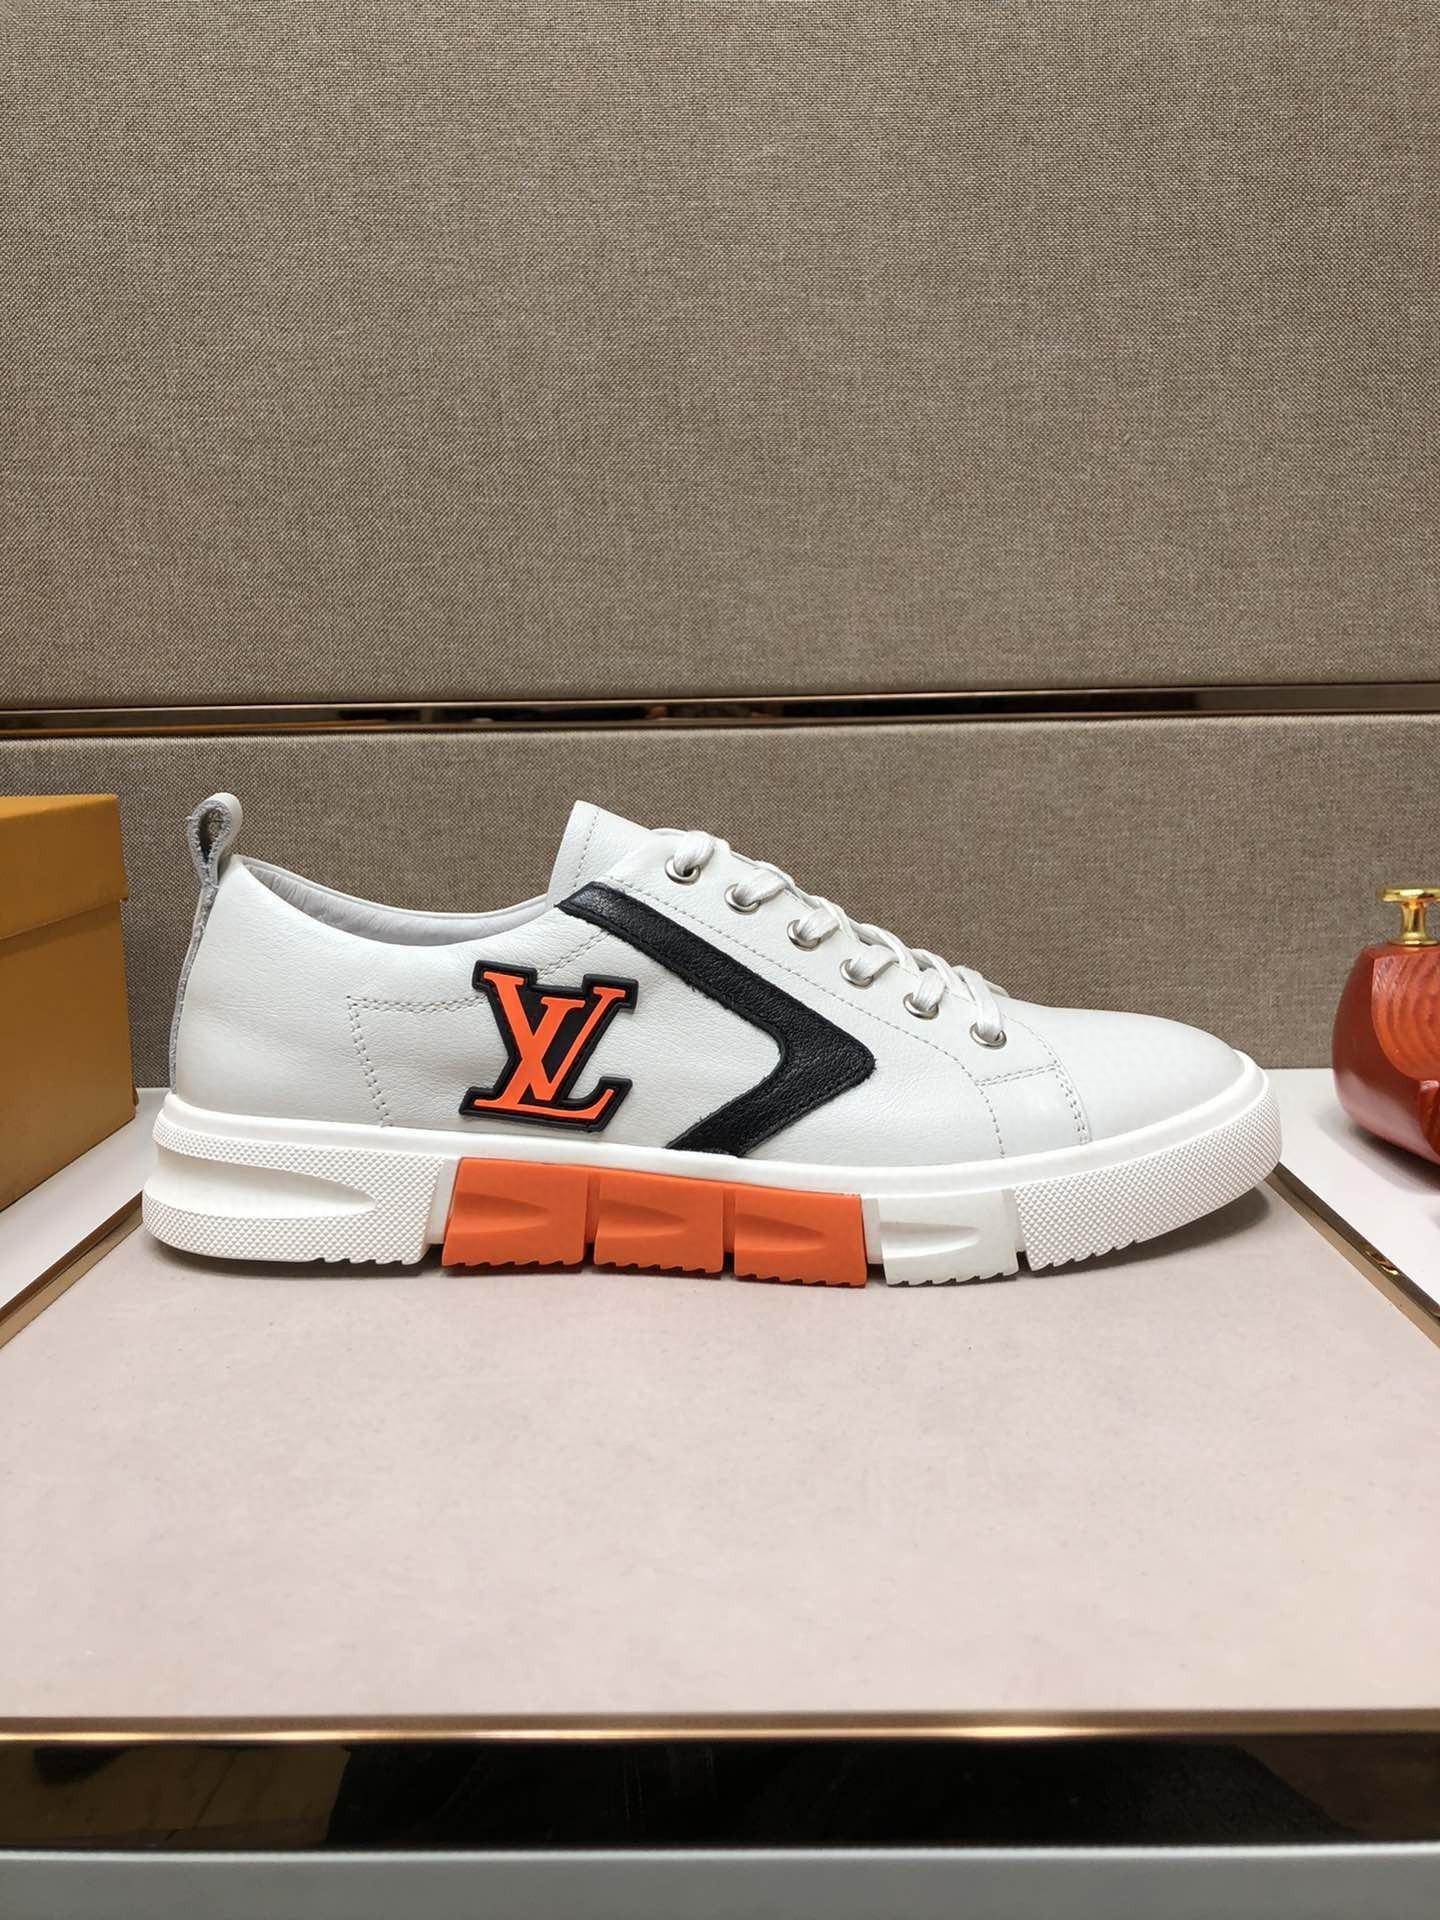 2020TY Limited Edition Новая мода Trend дикарей вскользь удобную обувь Походные обувь Спортивная обувь Оригинальная упаковка коробки